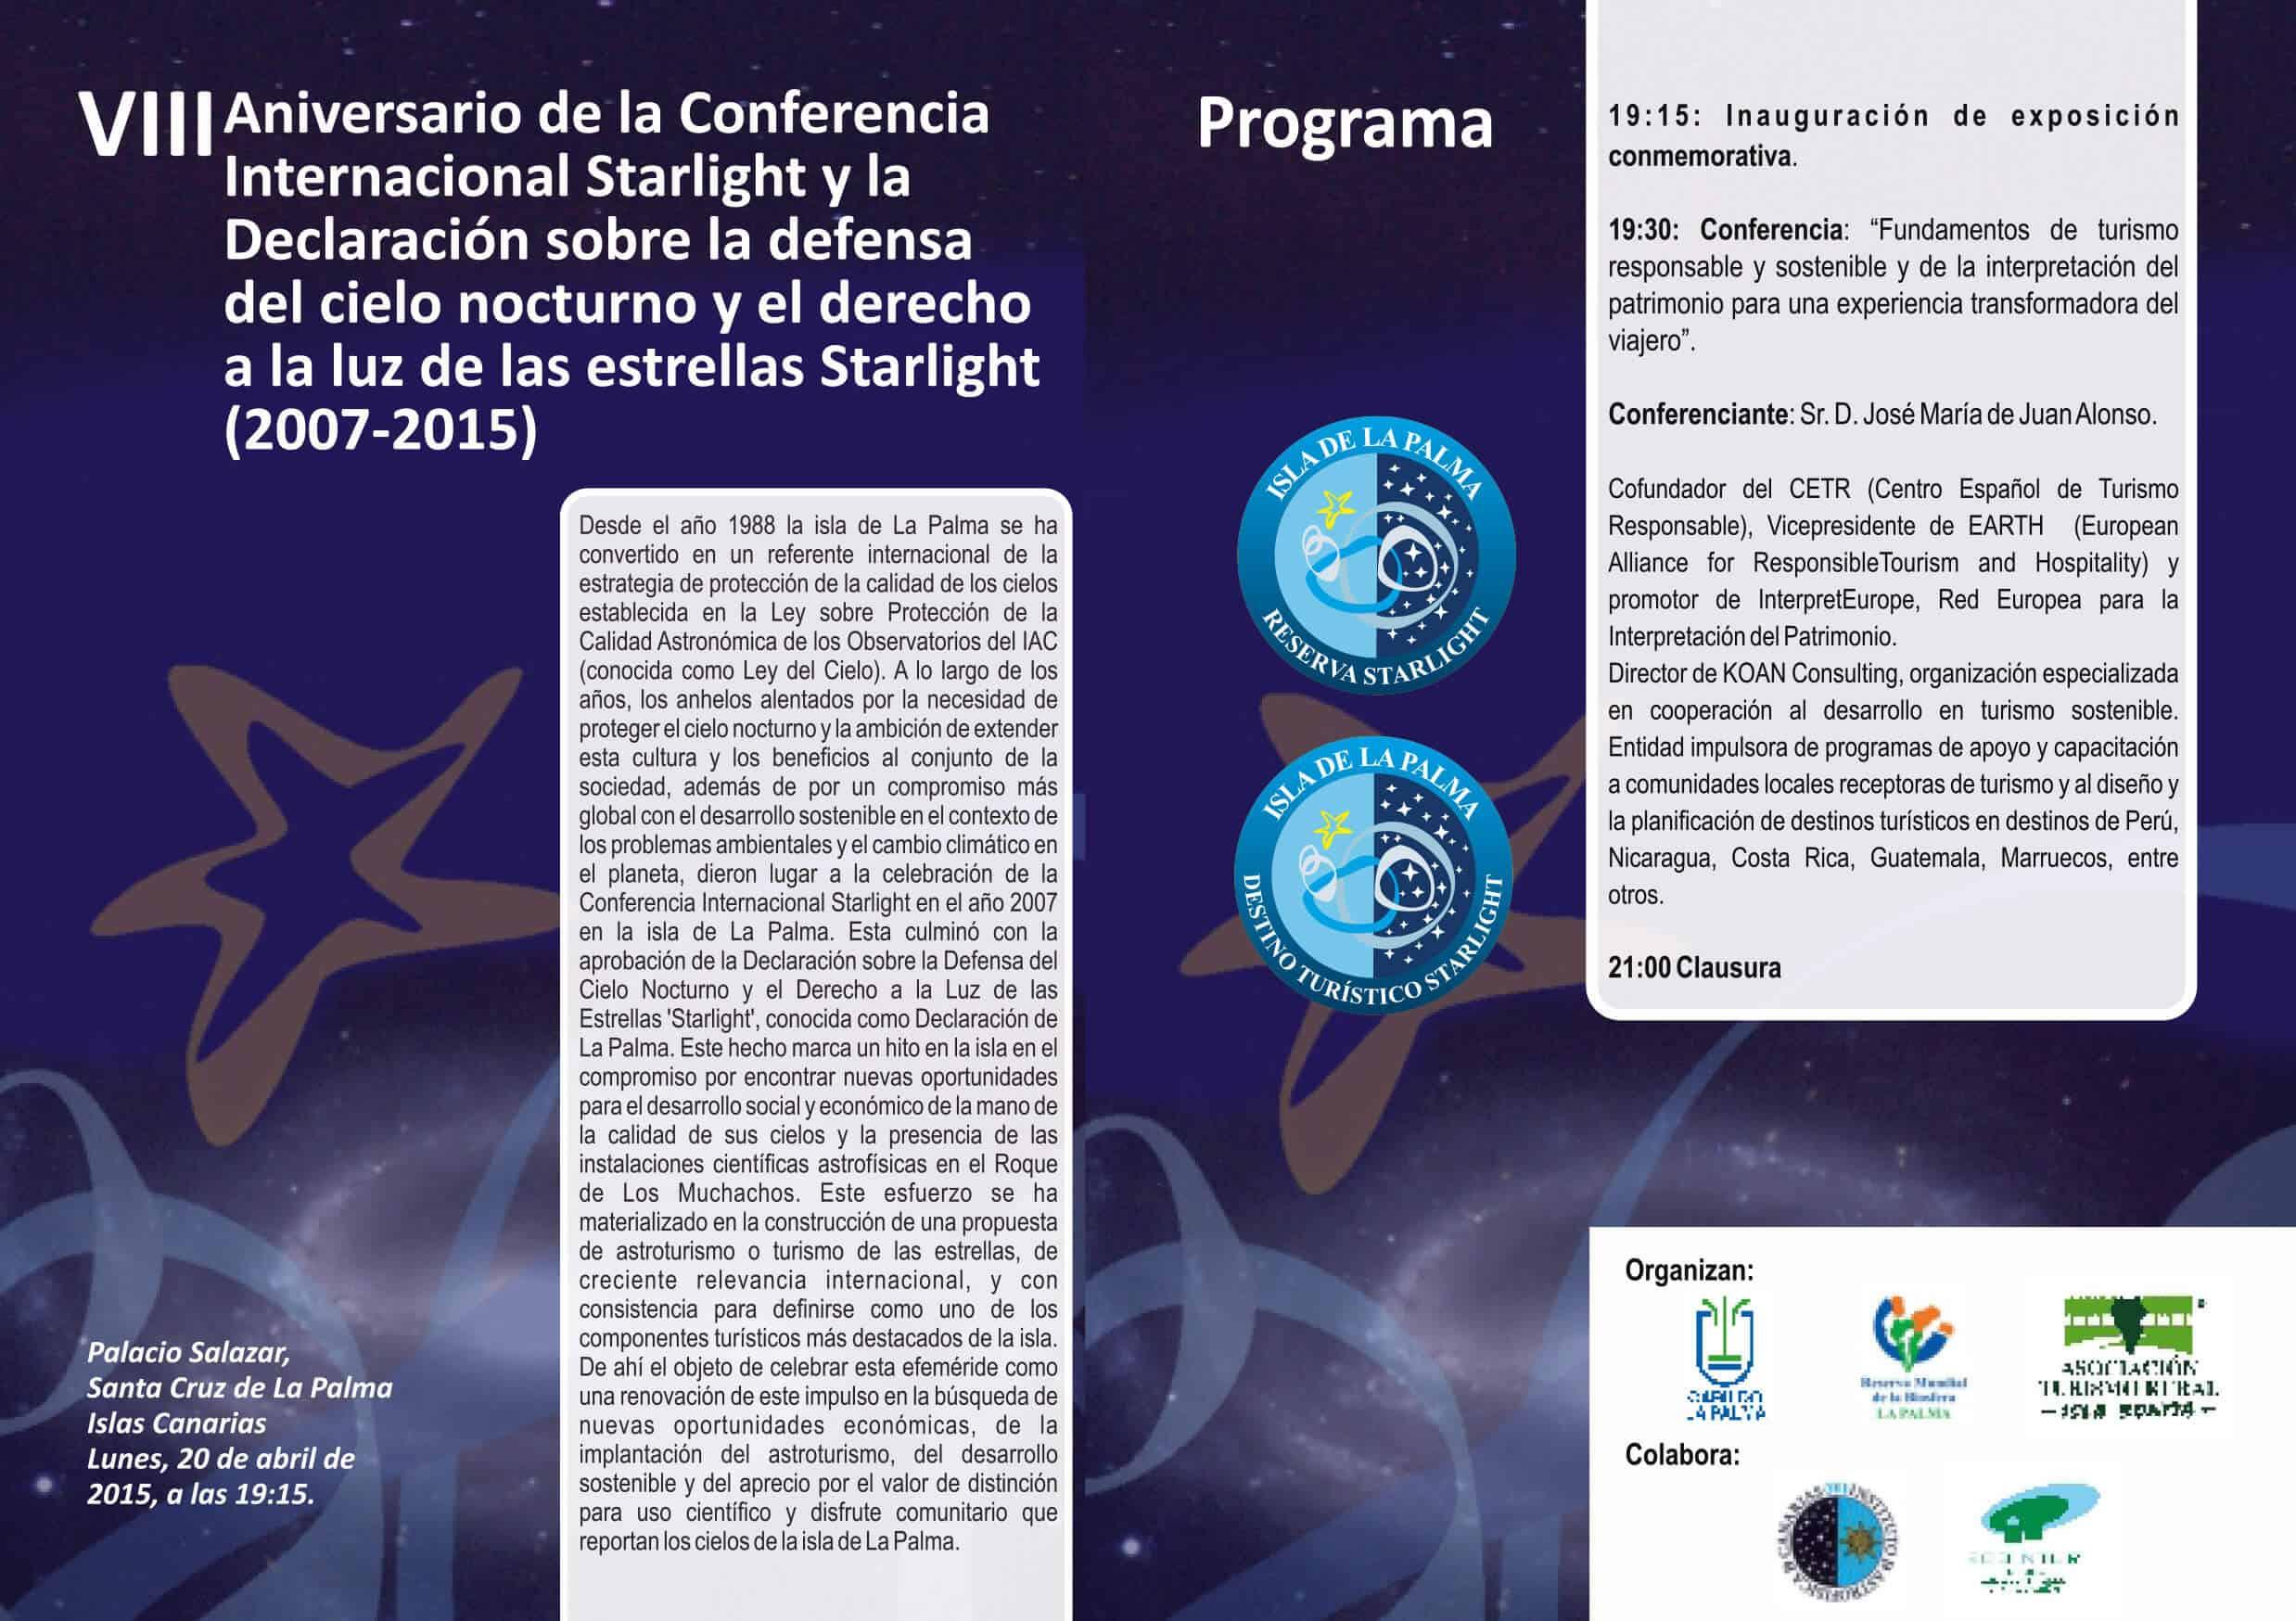 VIII Aniversario de la Conferencia Internacional y la Declaración sobre la Defensa del Cielo Nocturno y el Derecho a la Luz de las Estrellas Starlight (2007-2015)